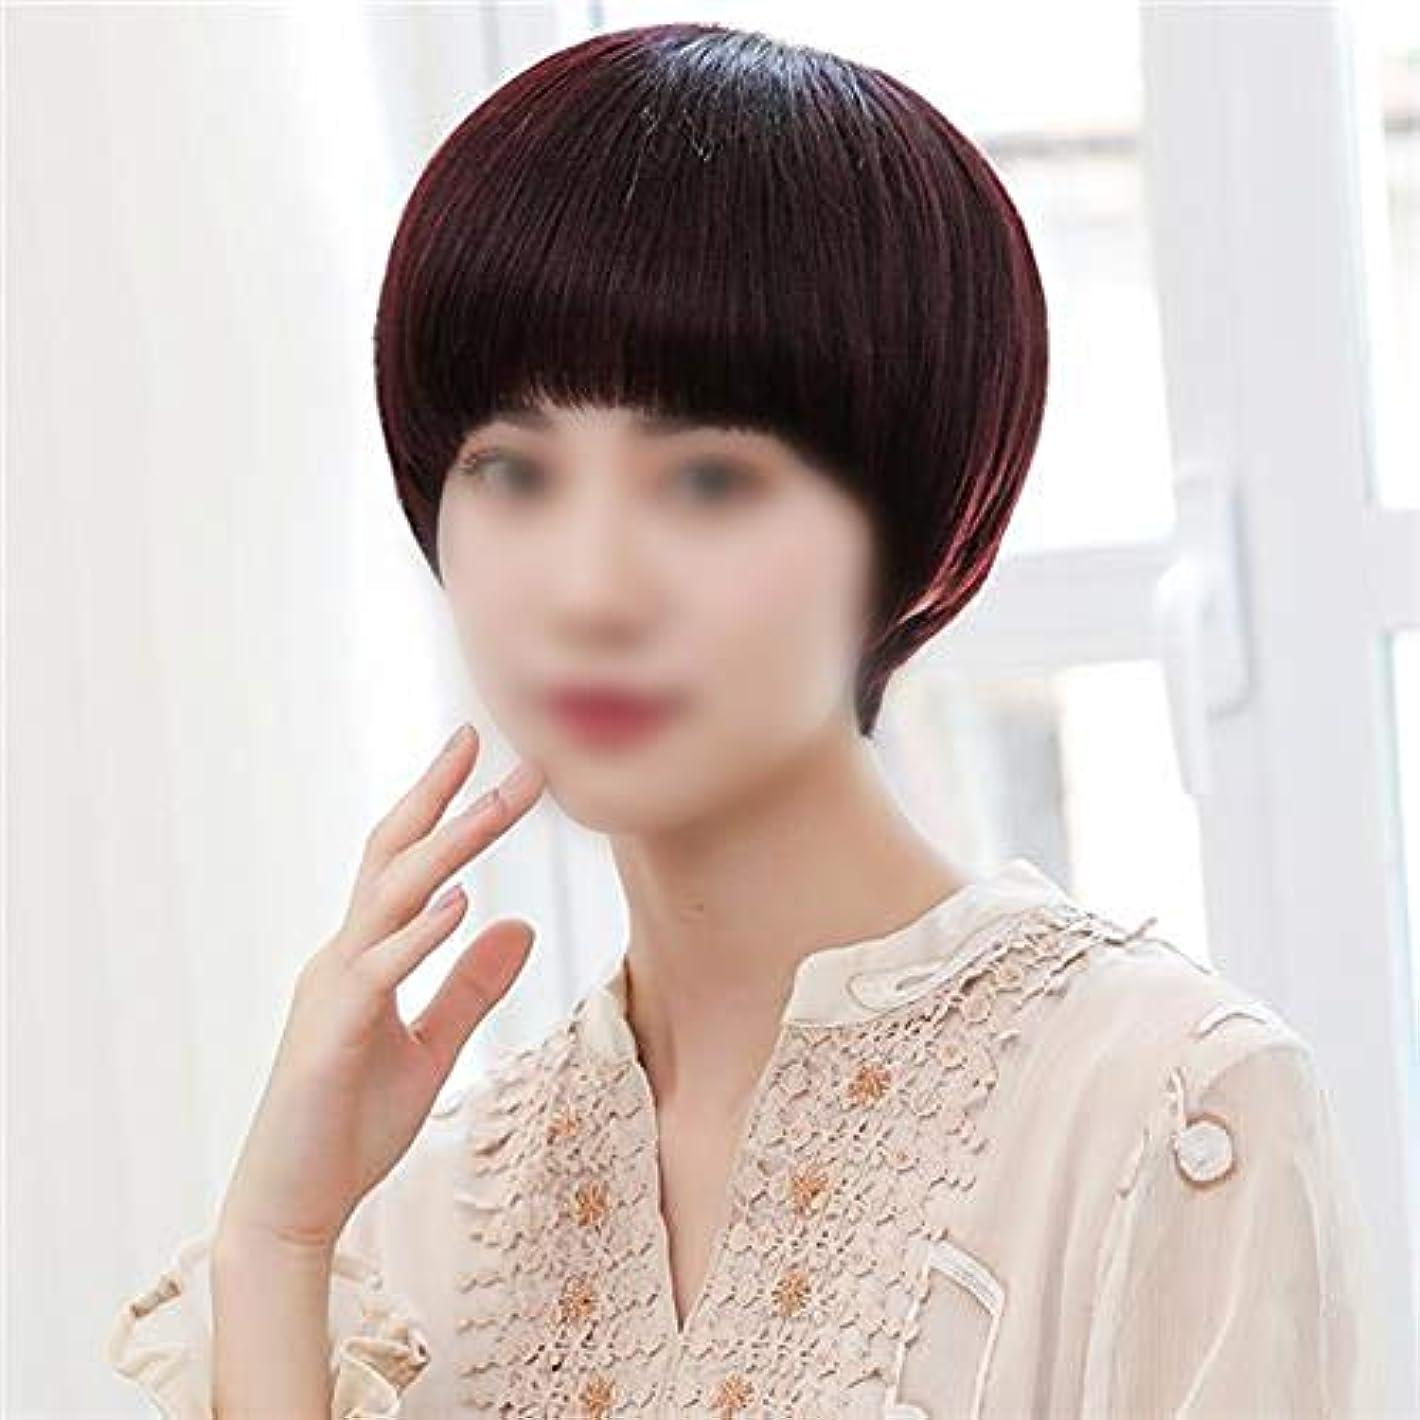 ロッカー便利むさぼり食うYOUQIU 女性のデイリードレスウィッグ用前髪ふわふわハンサムかつら本当の髪の手織りボブショートストレートヘアー (色 : ワインレッド)